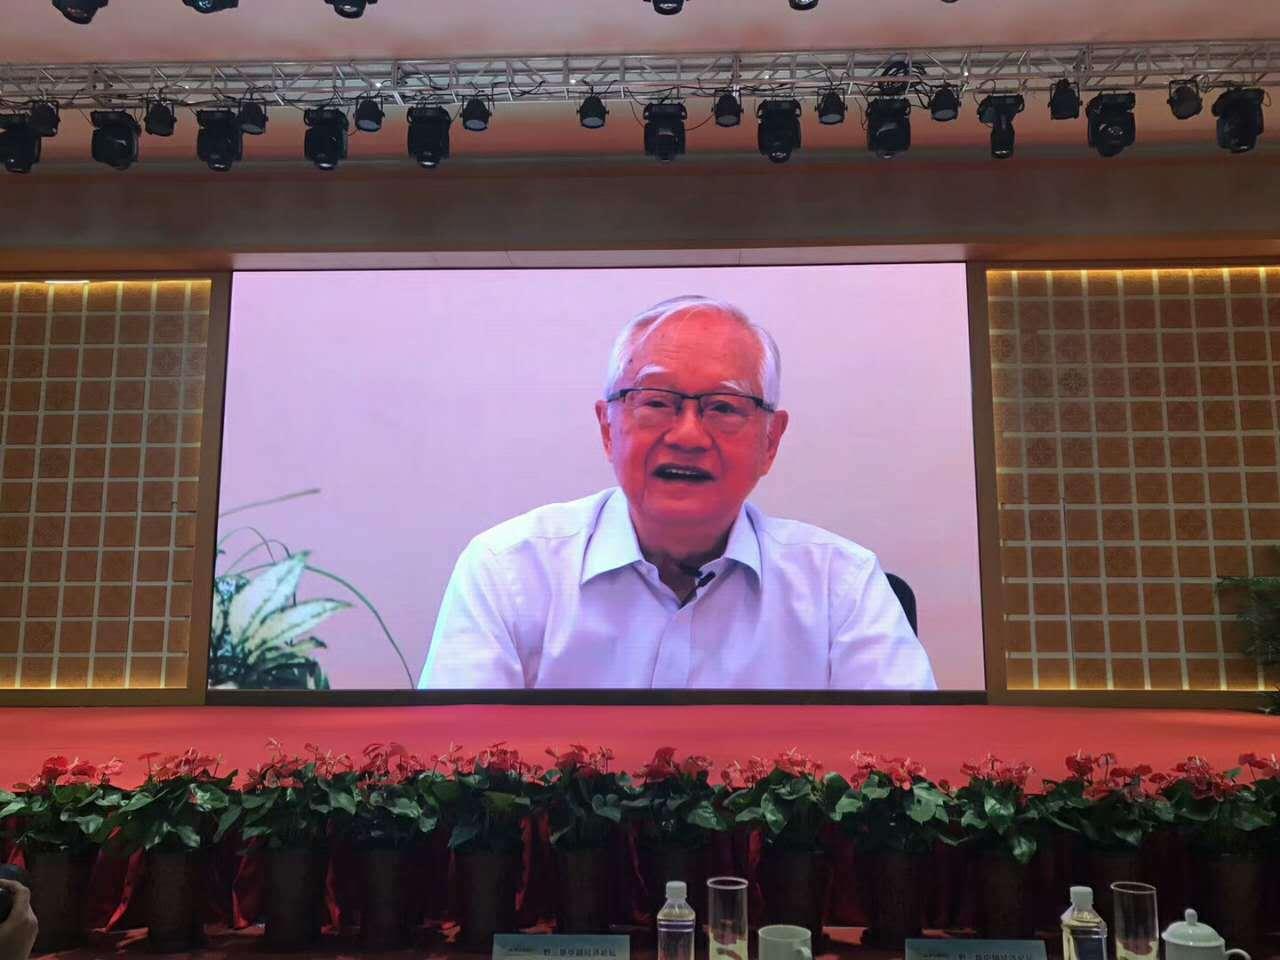 吴敬琏:有些人形势跟得紧 但基本问题研究的不够深入